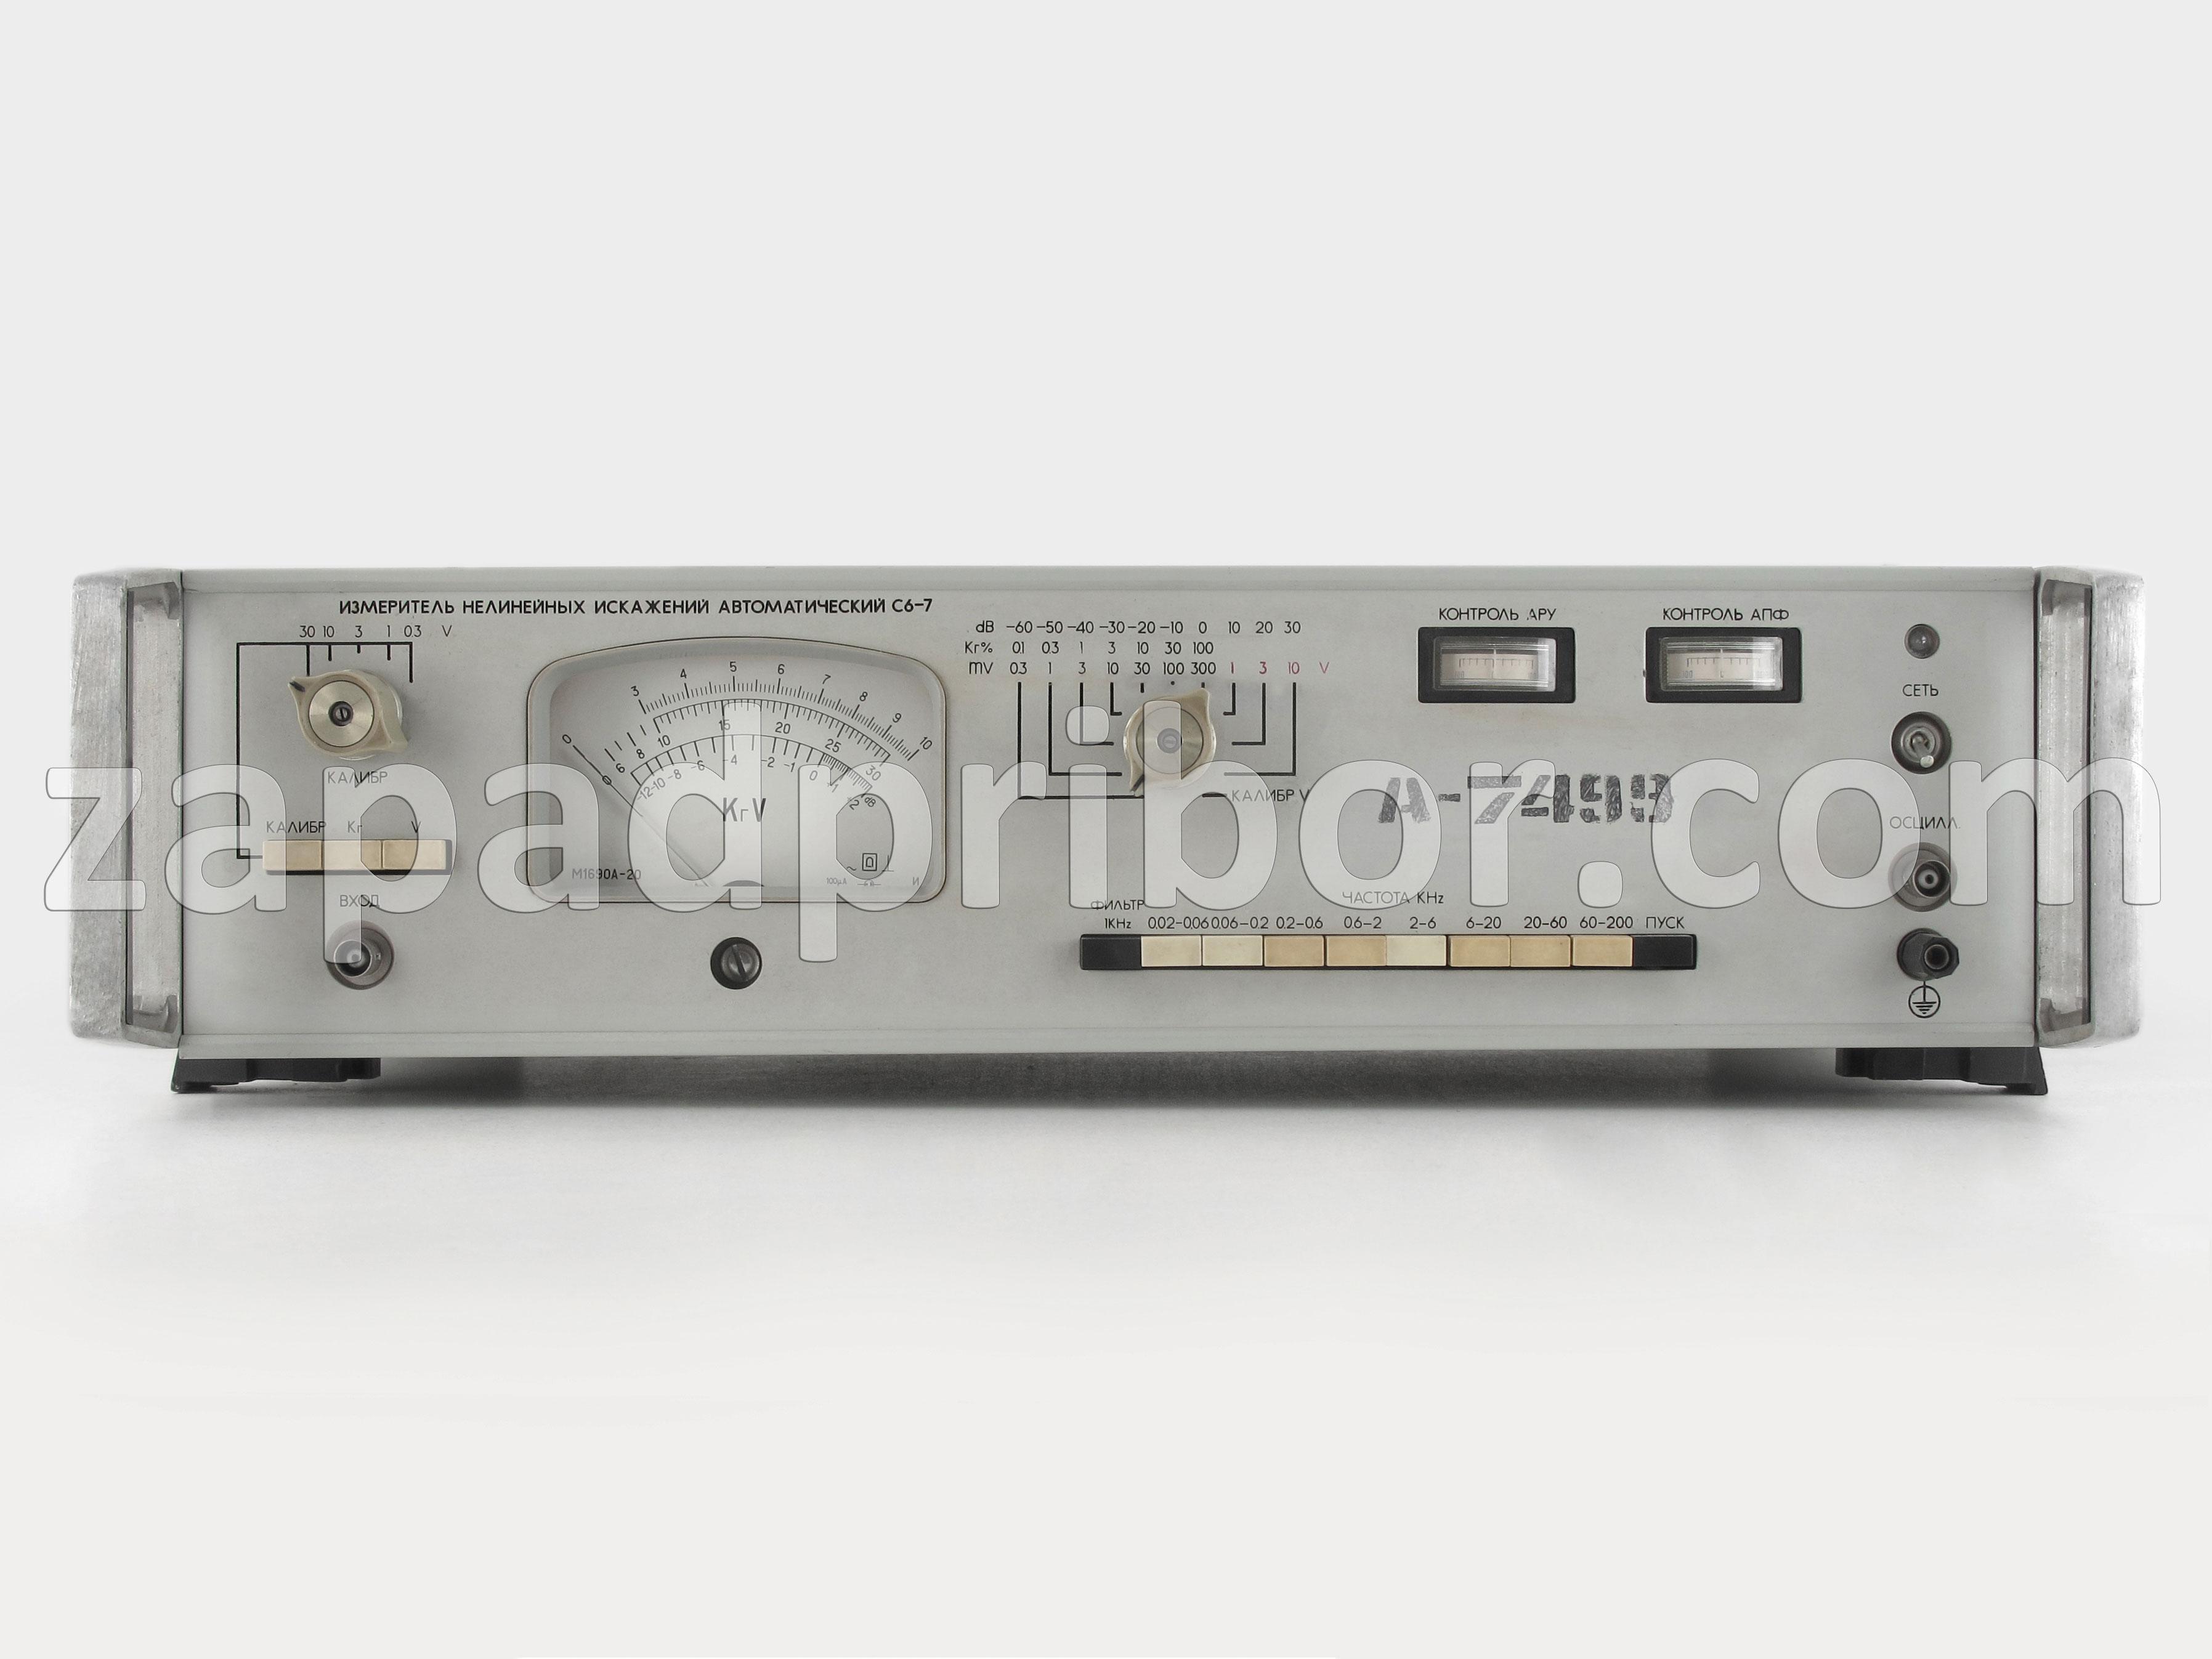 С6-7 вимірювач спотворень 25499грн, 25499руб, 1шт. в наявності.